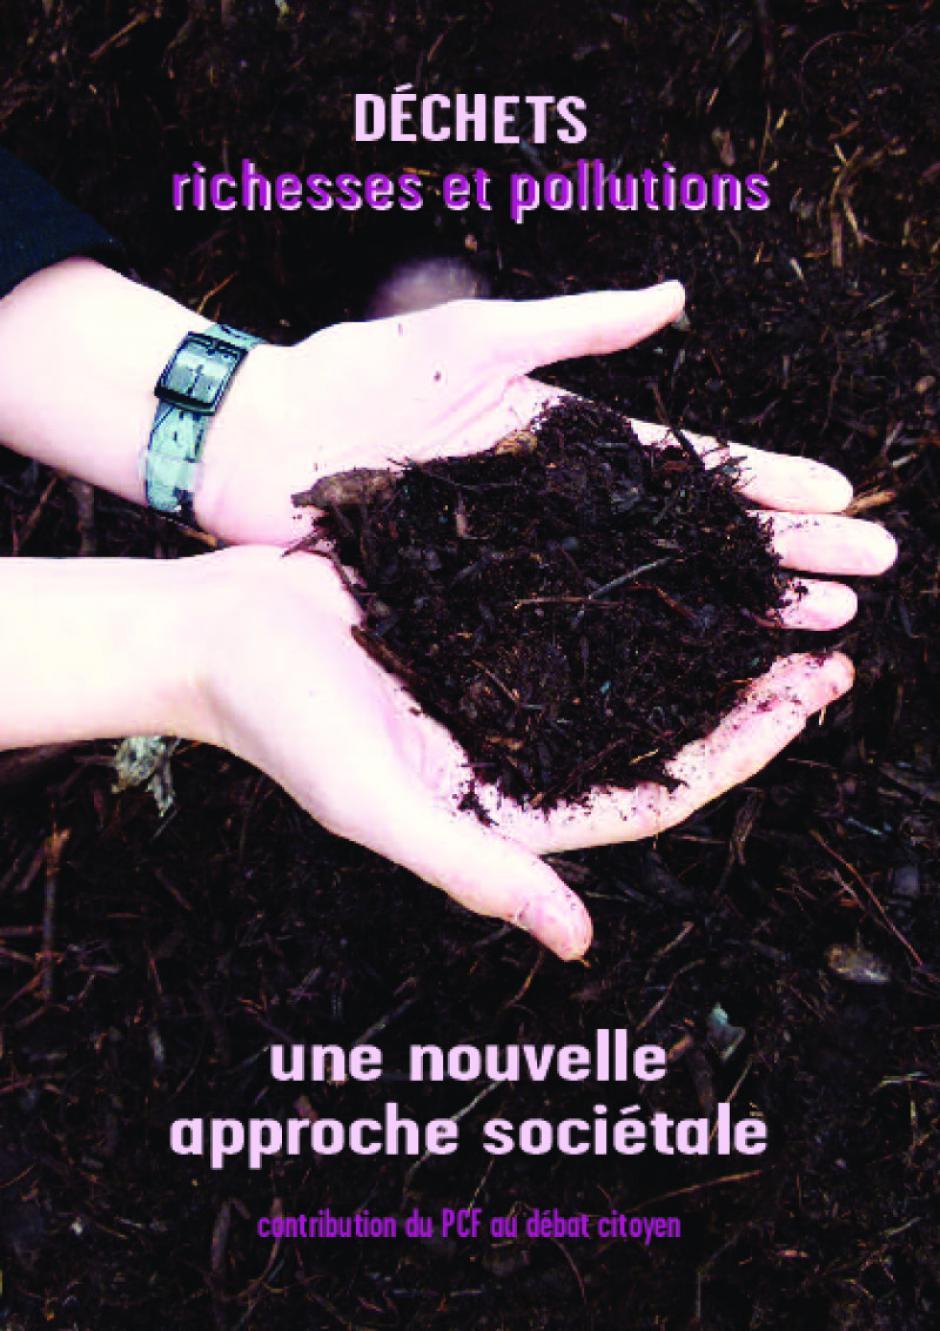 Plaquette «DECHETS» - richesses et pollutions. Une nouvelle approche sociétale - Contribution du PCF au débat citoyen